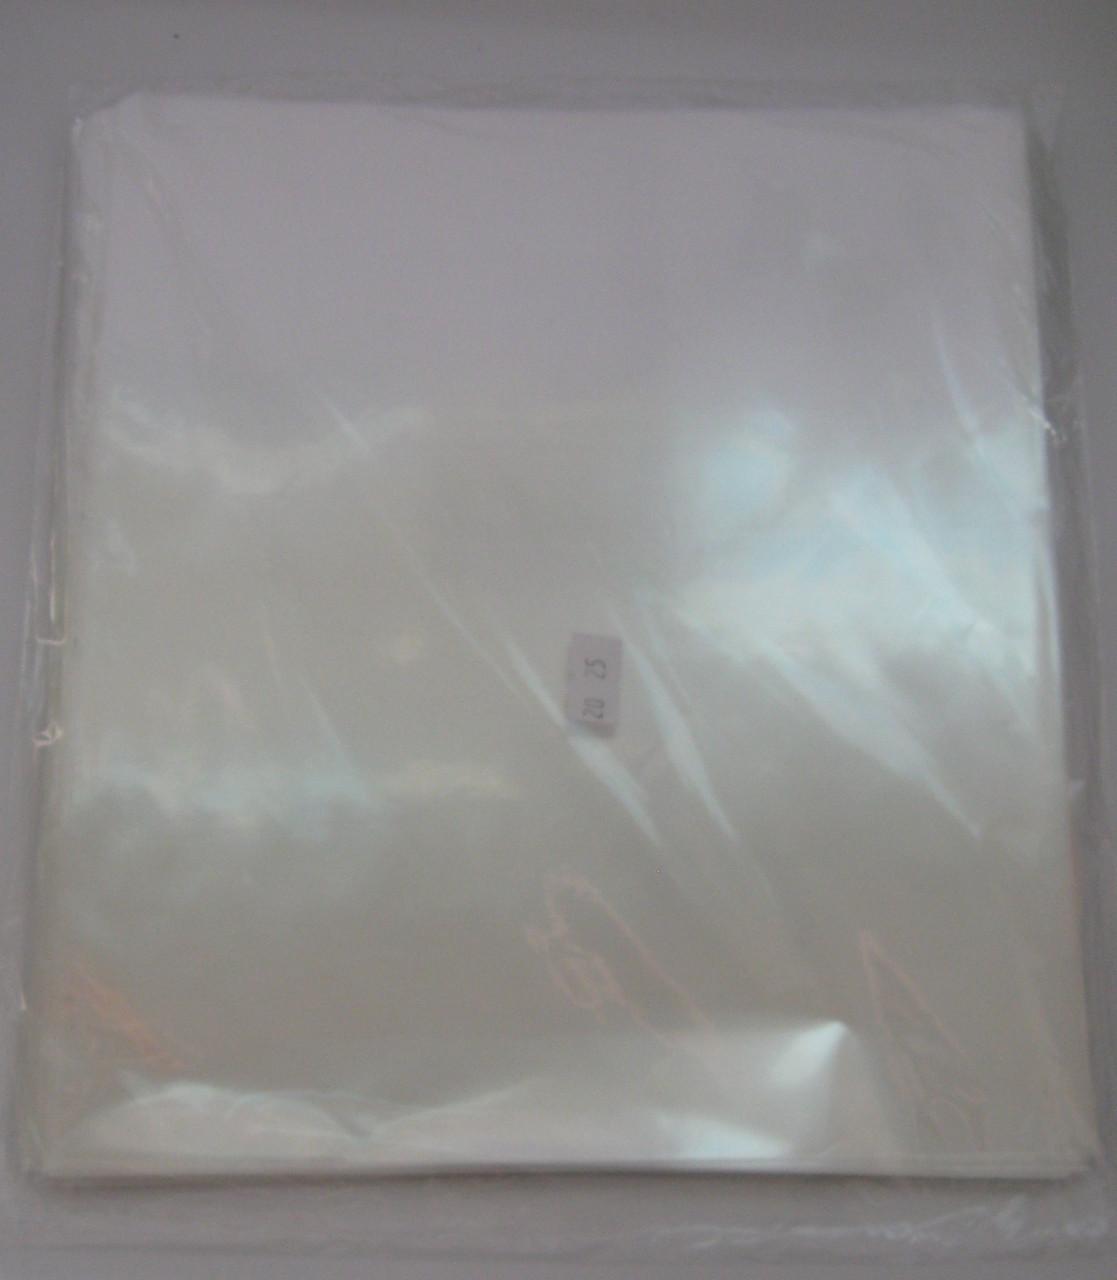 Пакет для подарков целлофановый, прозрачный 25 х 35 см. в упаковке 100шт